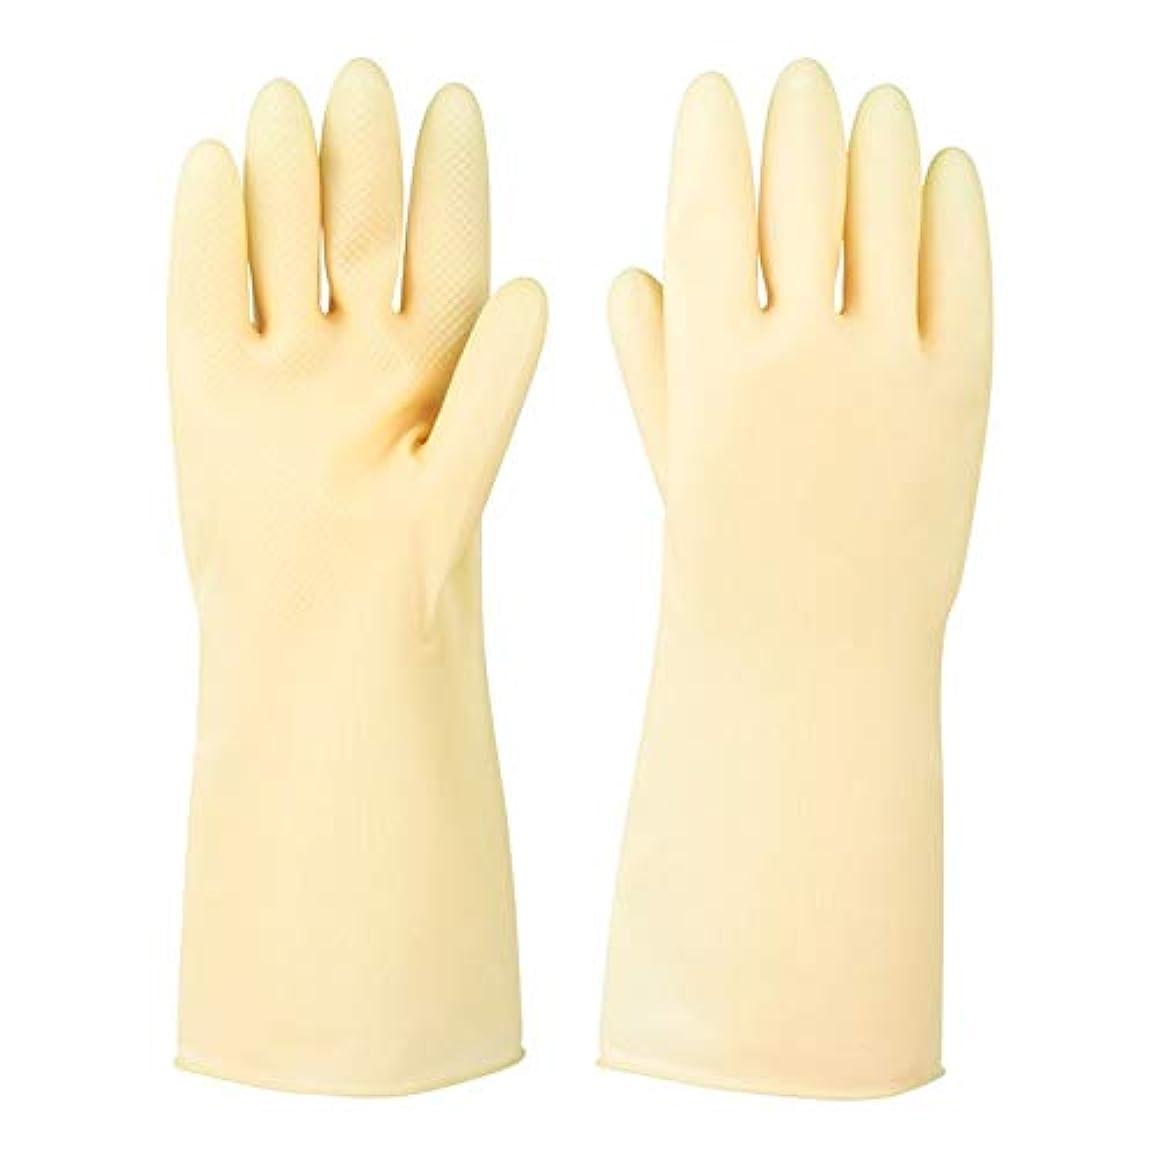 正直育成戦艦使い捨て手袋 ラバーレザーグローブ厚めの滑り止め耐摩耗性防水保護手袋、5ペア ニトリルゴム手袋 (Color : 5 pair, Size : S)